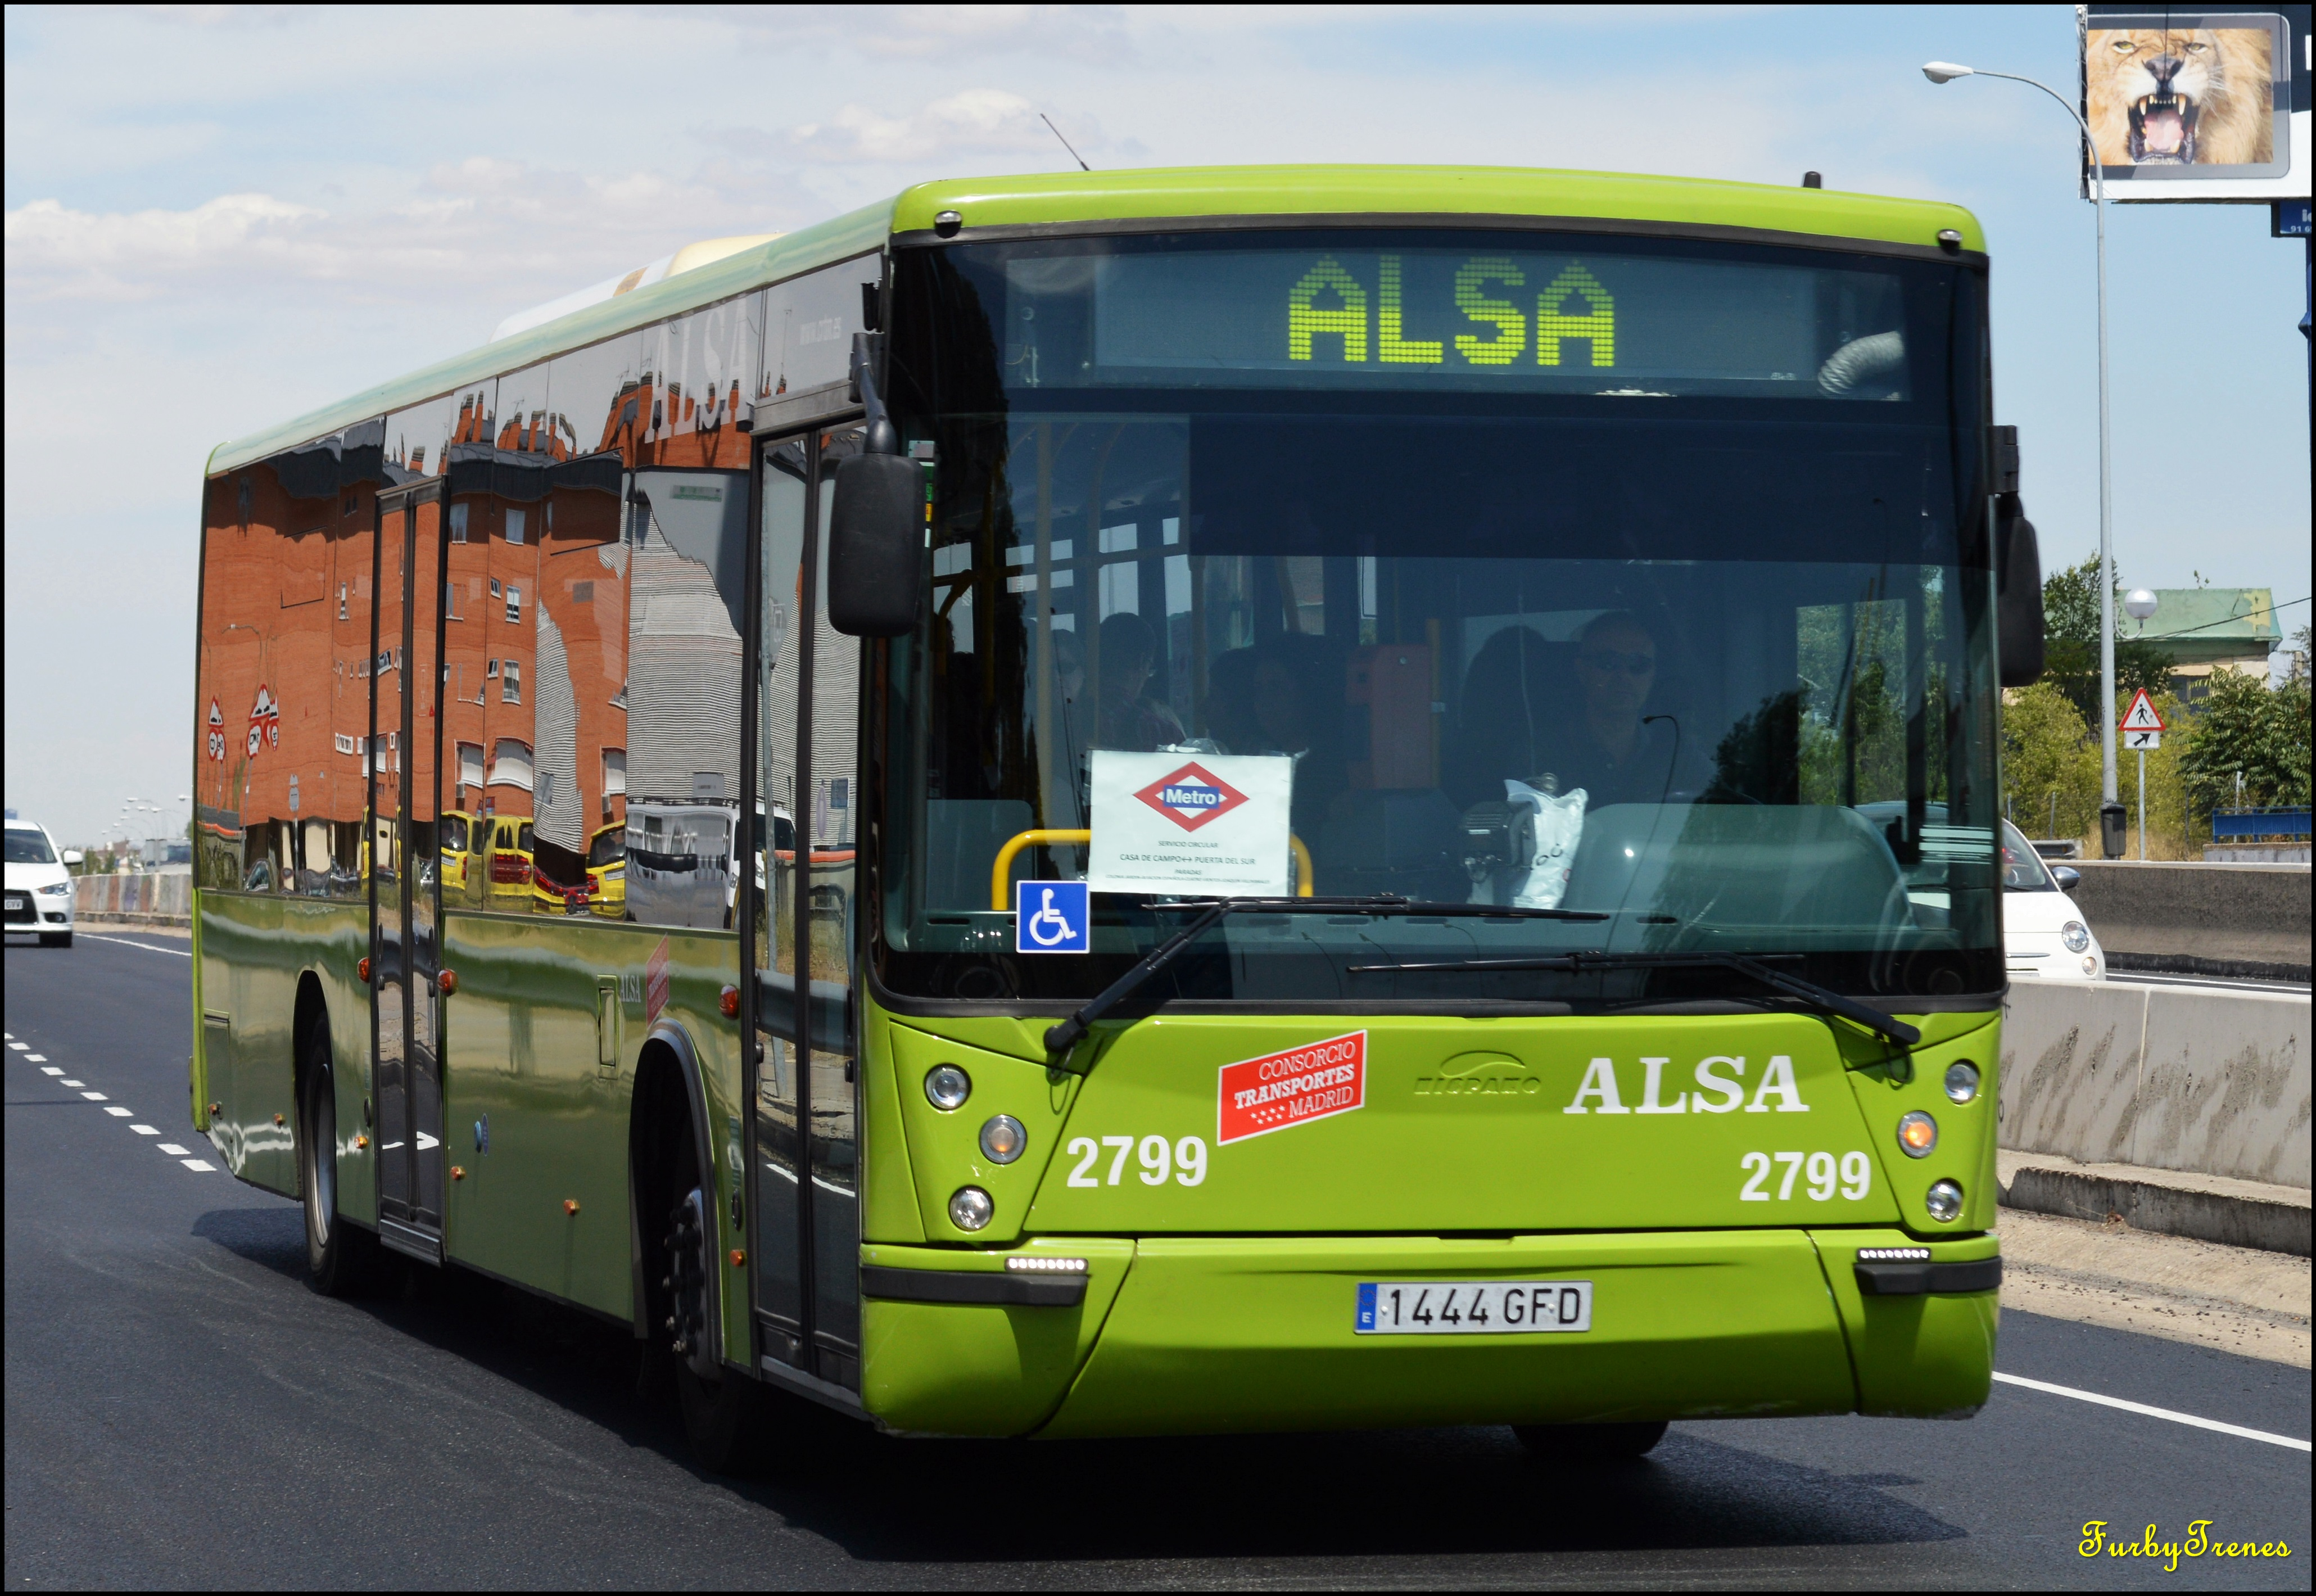 Empresa ALSA - Página 5 15865921487_583d9f6378_o